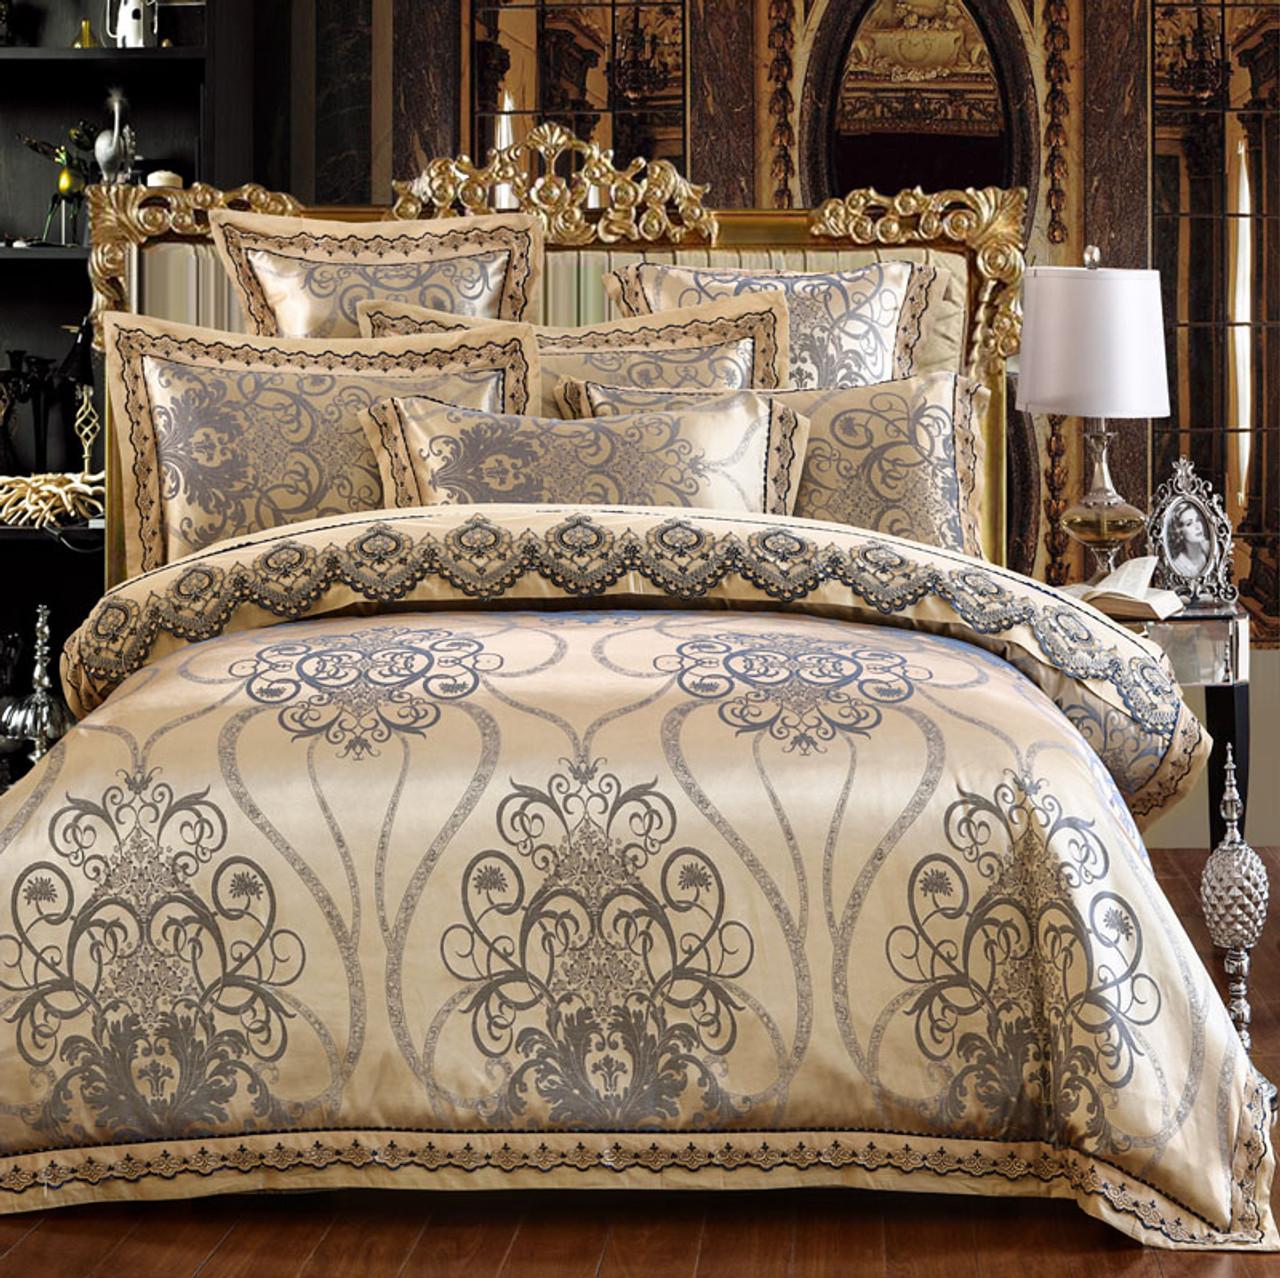 4 6pcs Luxury Royal Bedding Set Stain Jacquard Cotton Lace Double